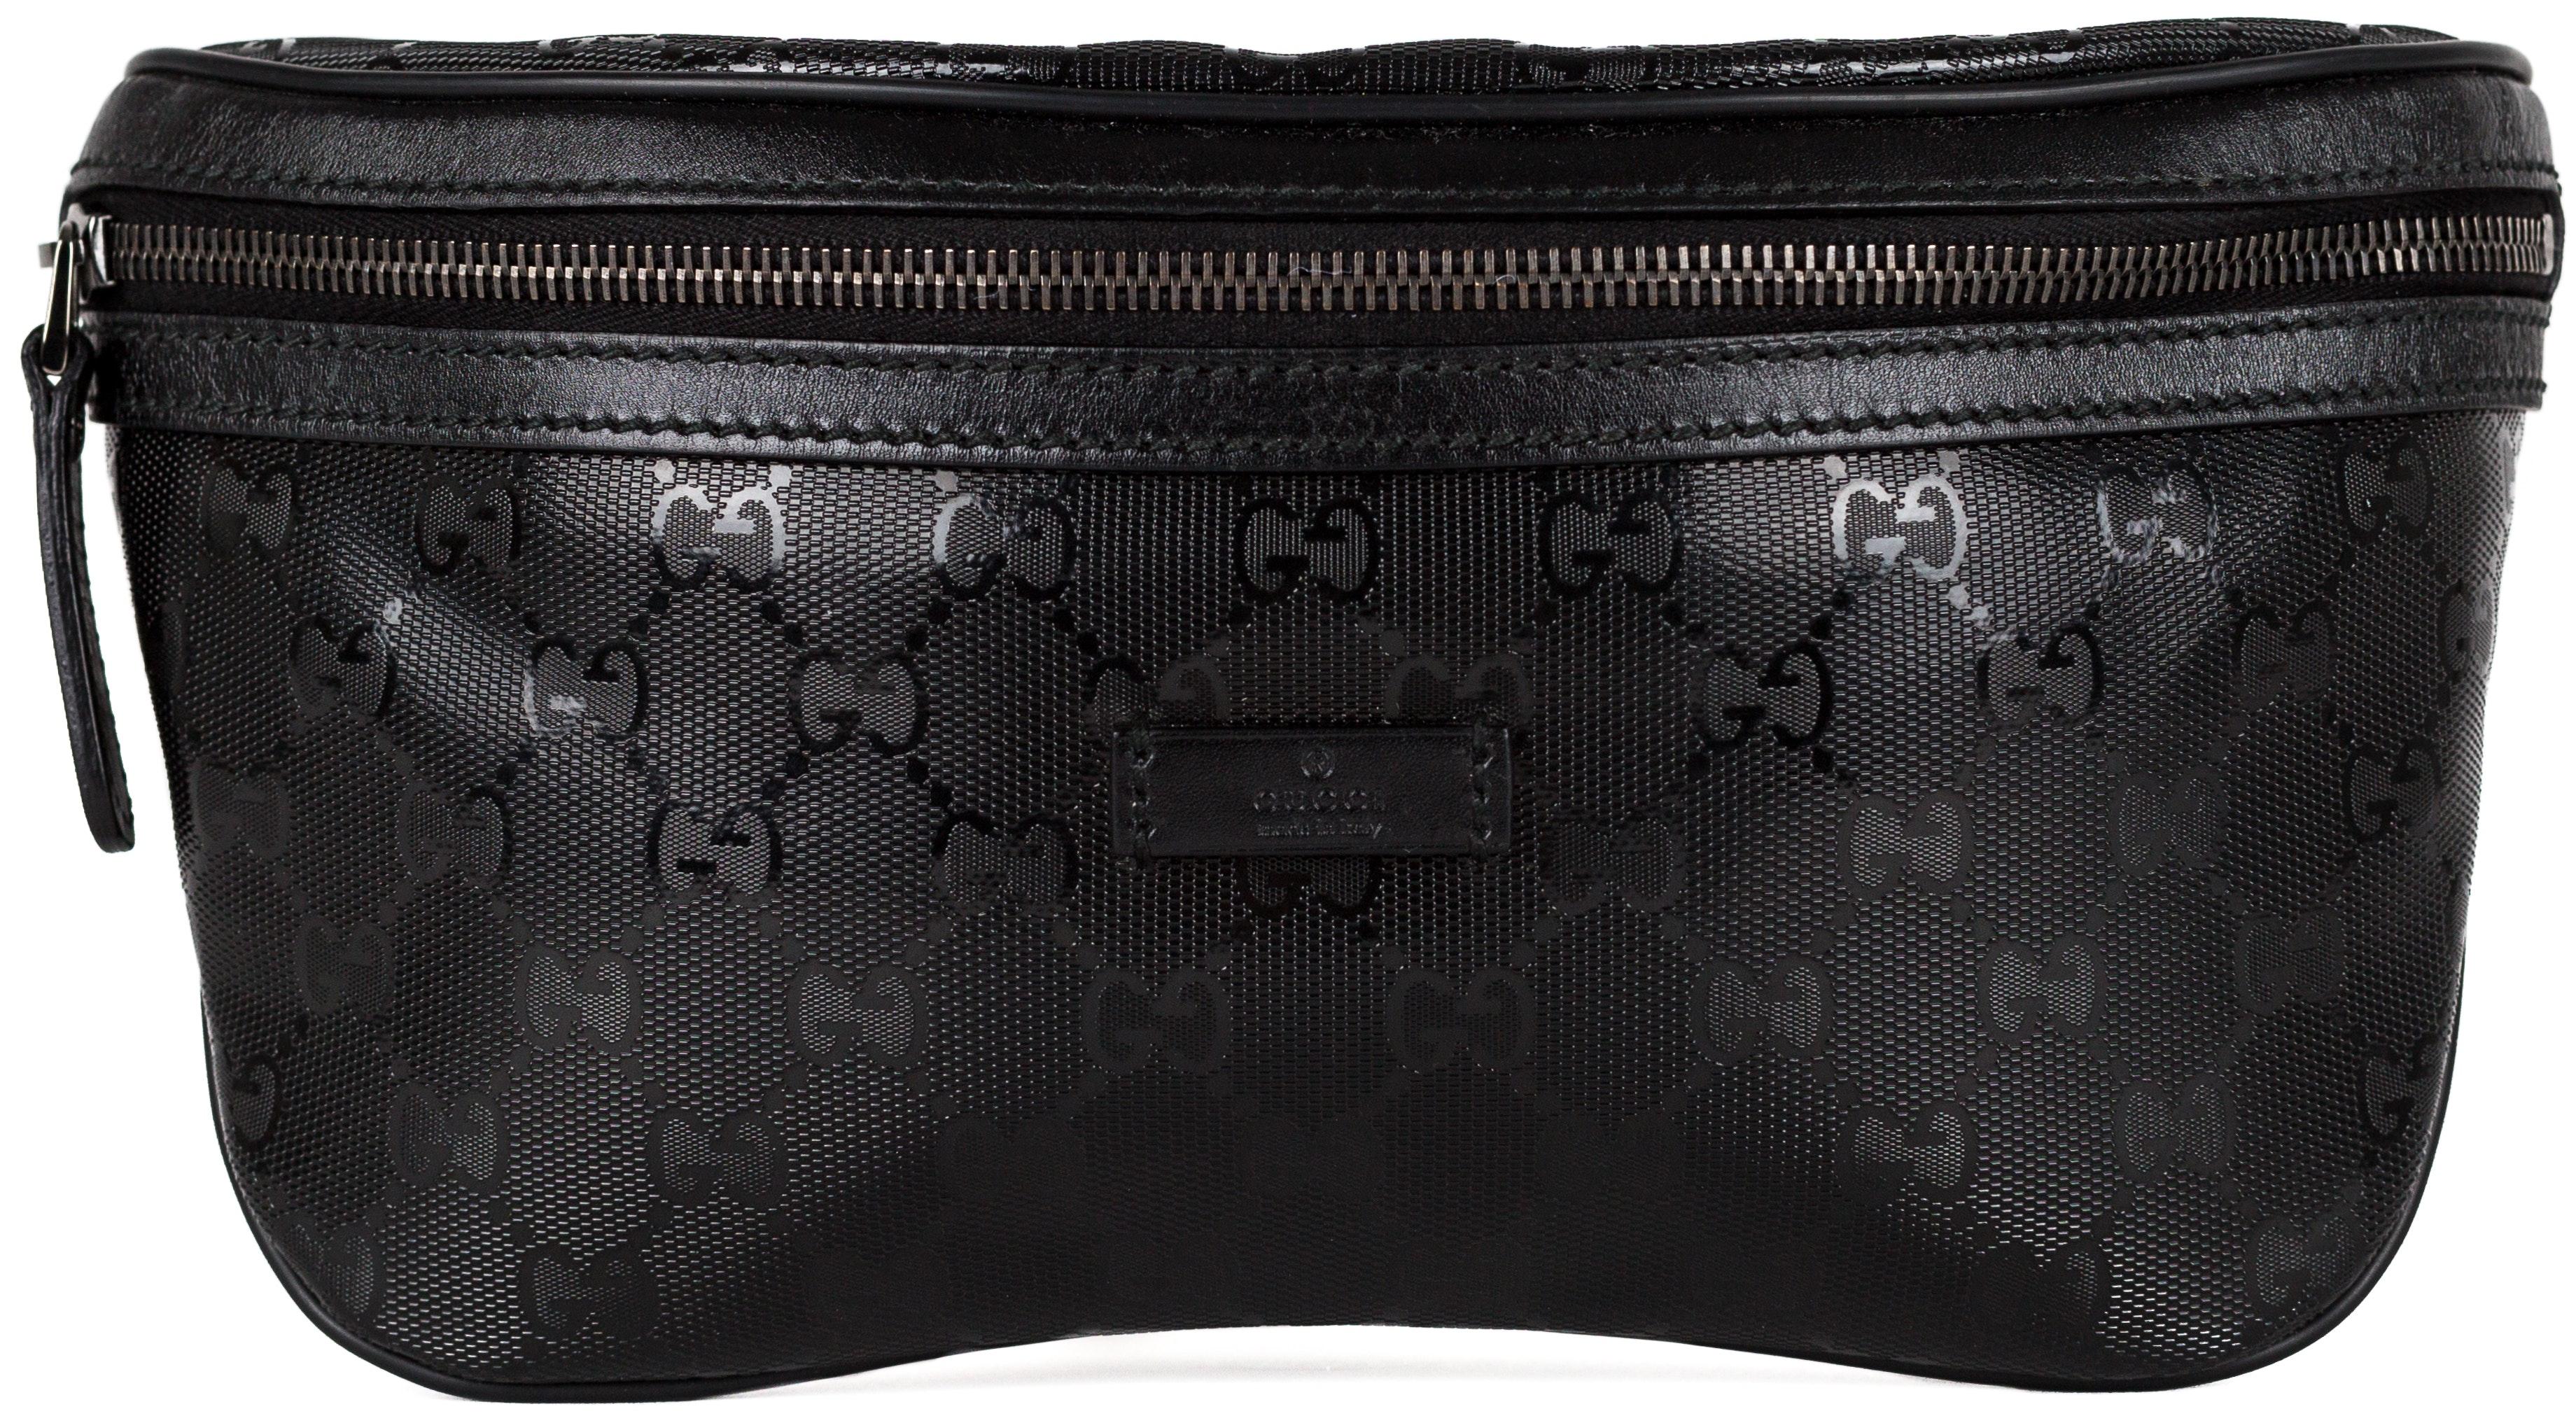 Gucci Waist Pouch GG Imprime Black